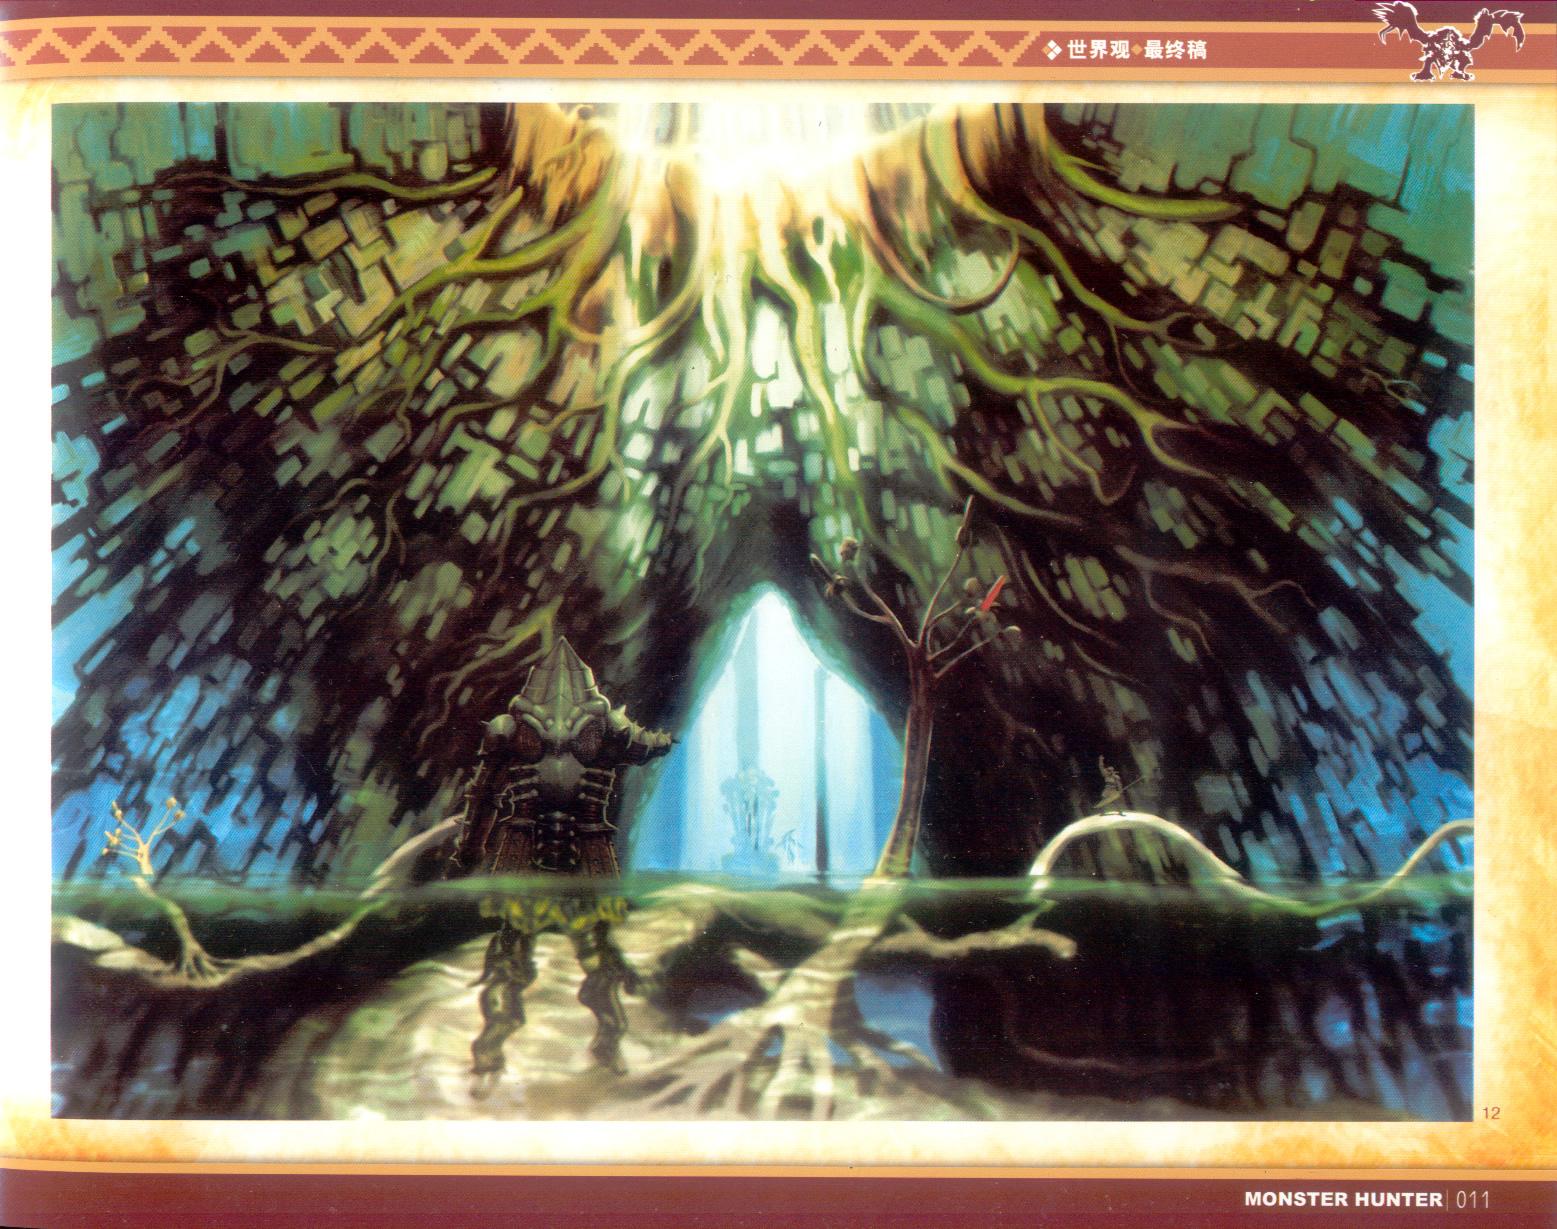 011_关注-游艺网GAME798海量资源下载怪物猎人终极画集.jpg